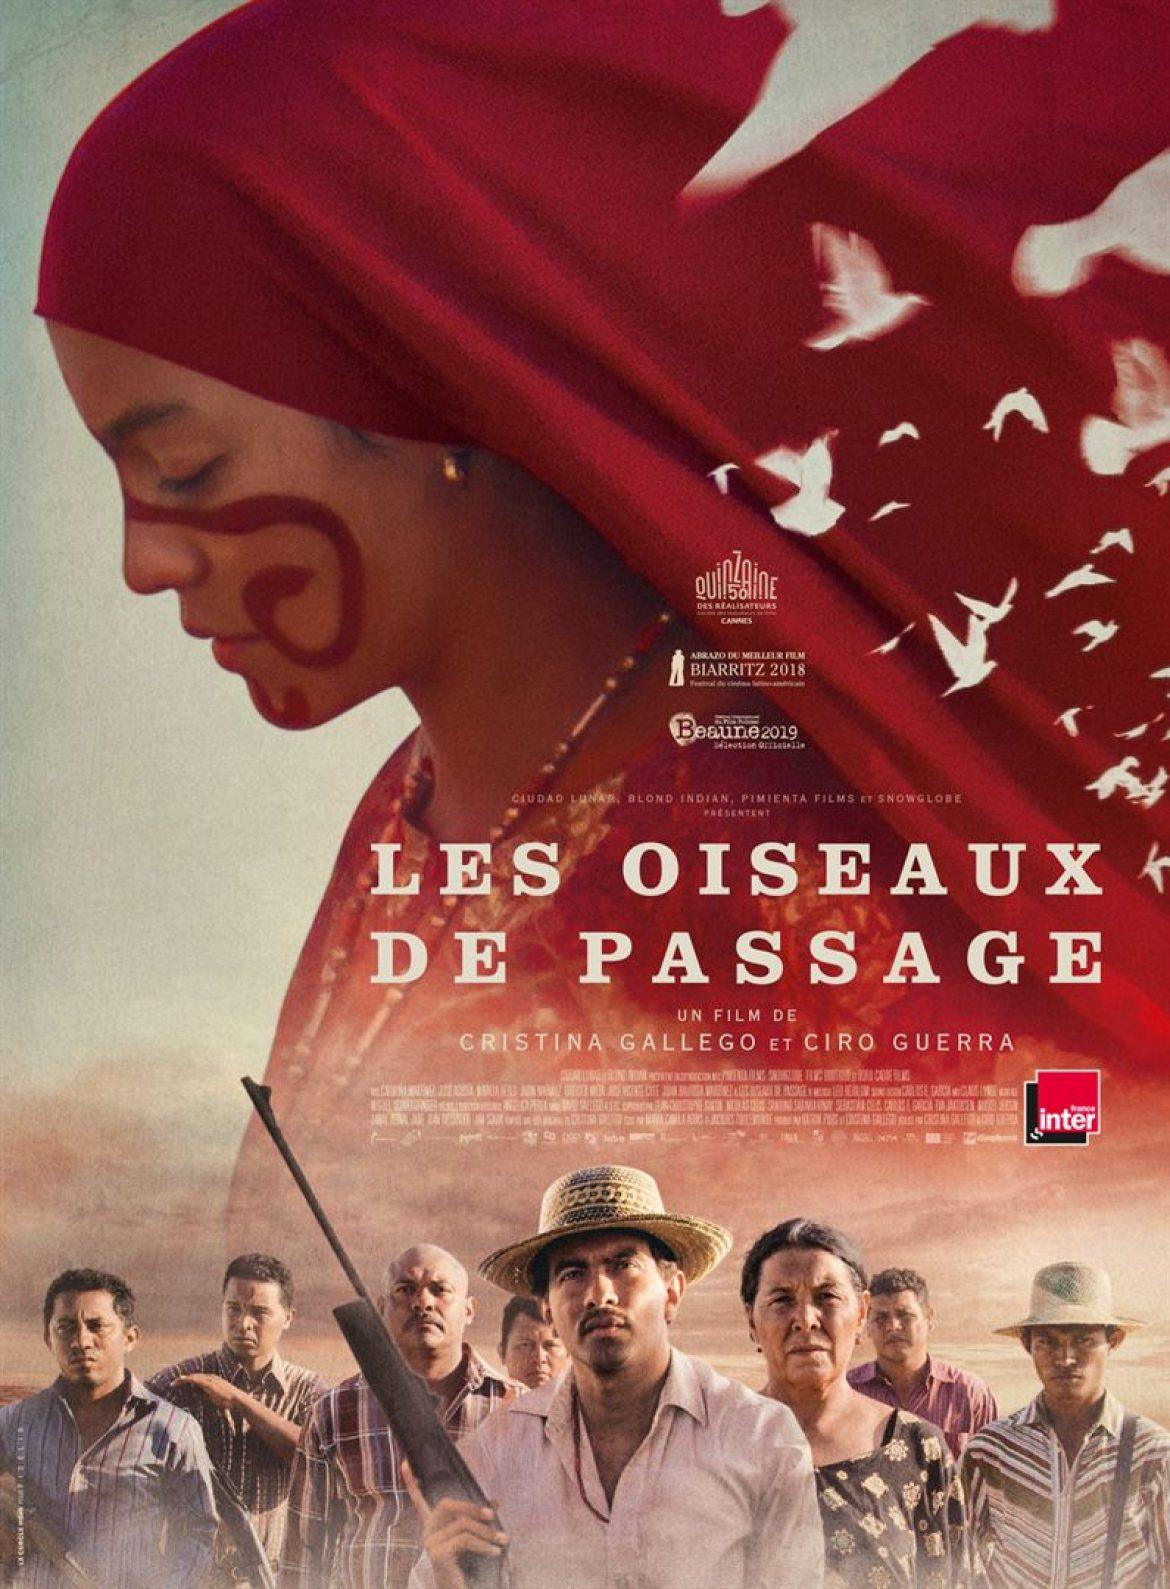 LES FILMS DU SUD Les oiseaux de passage